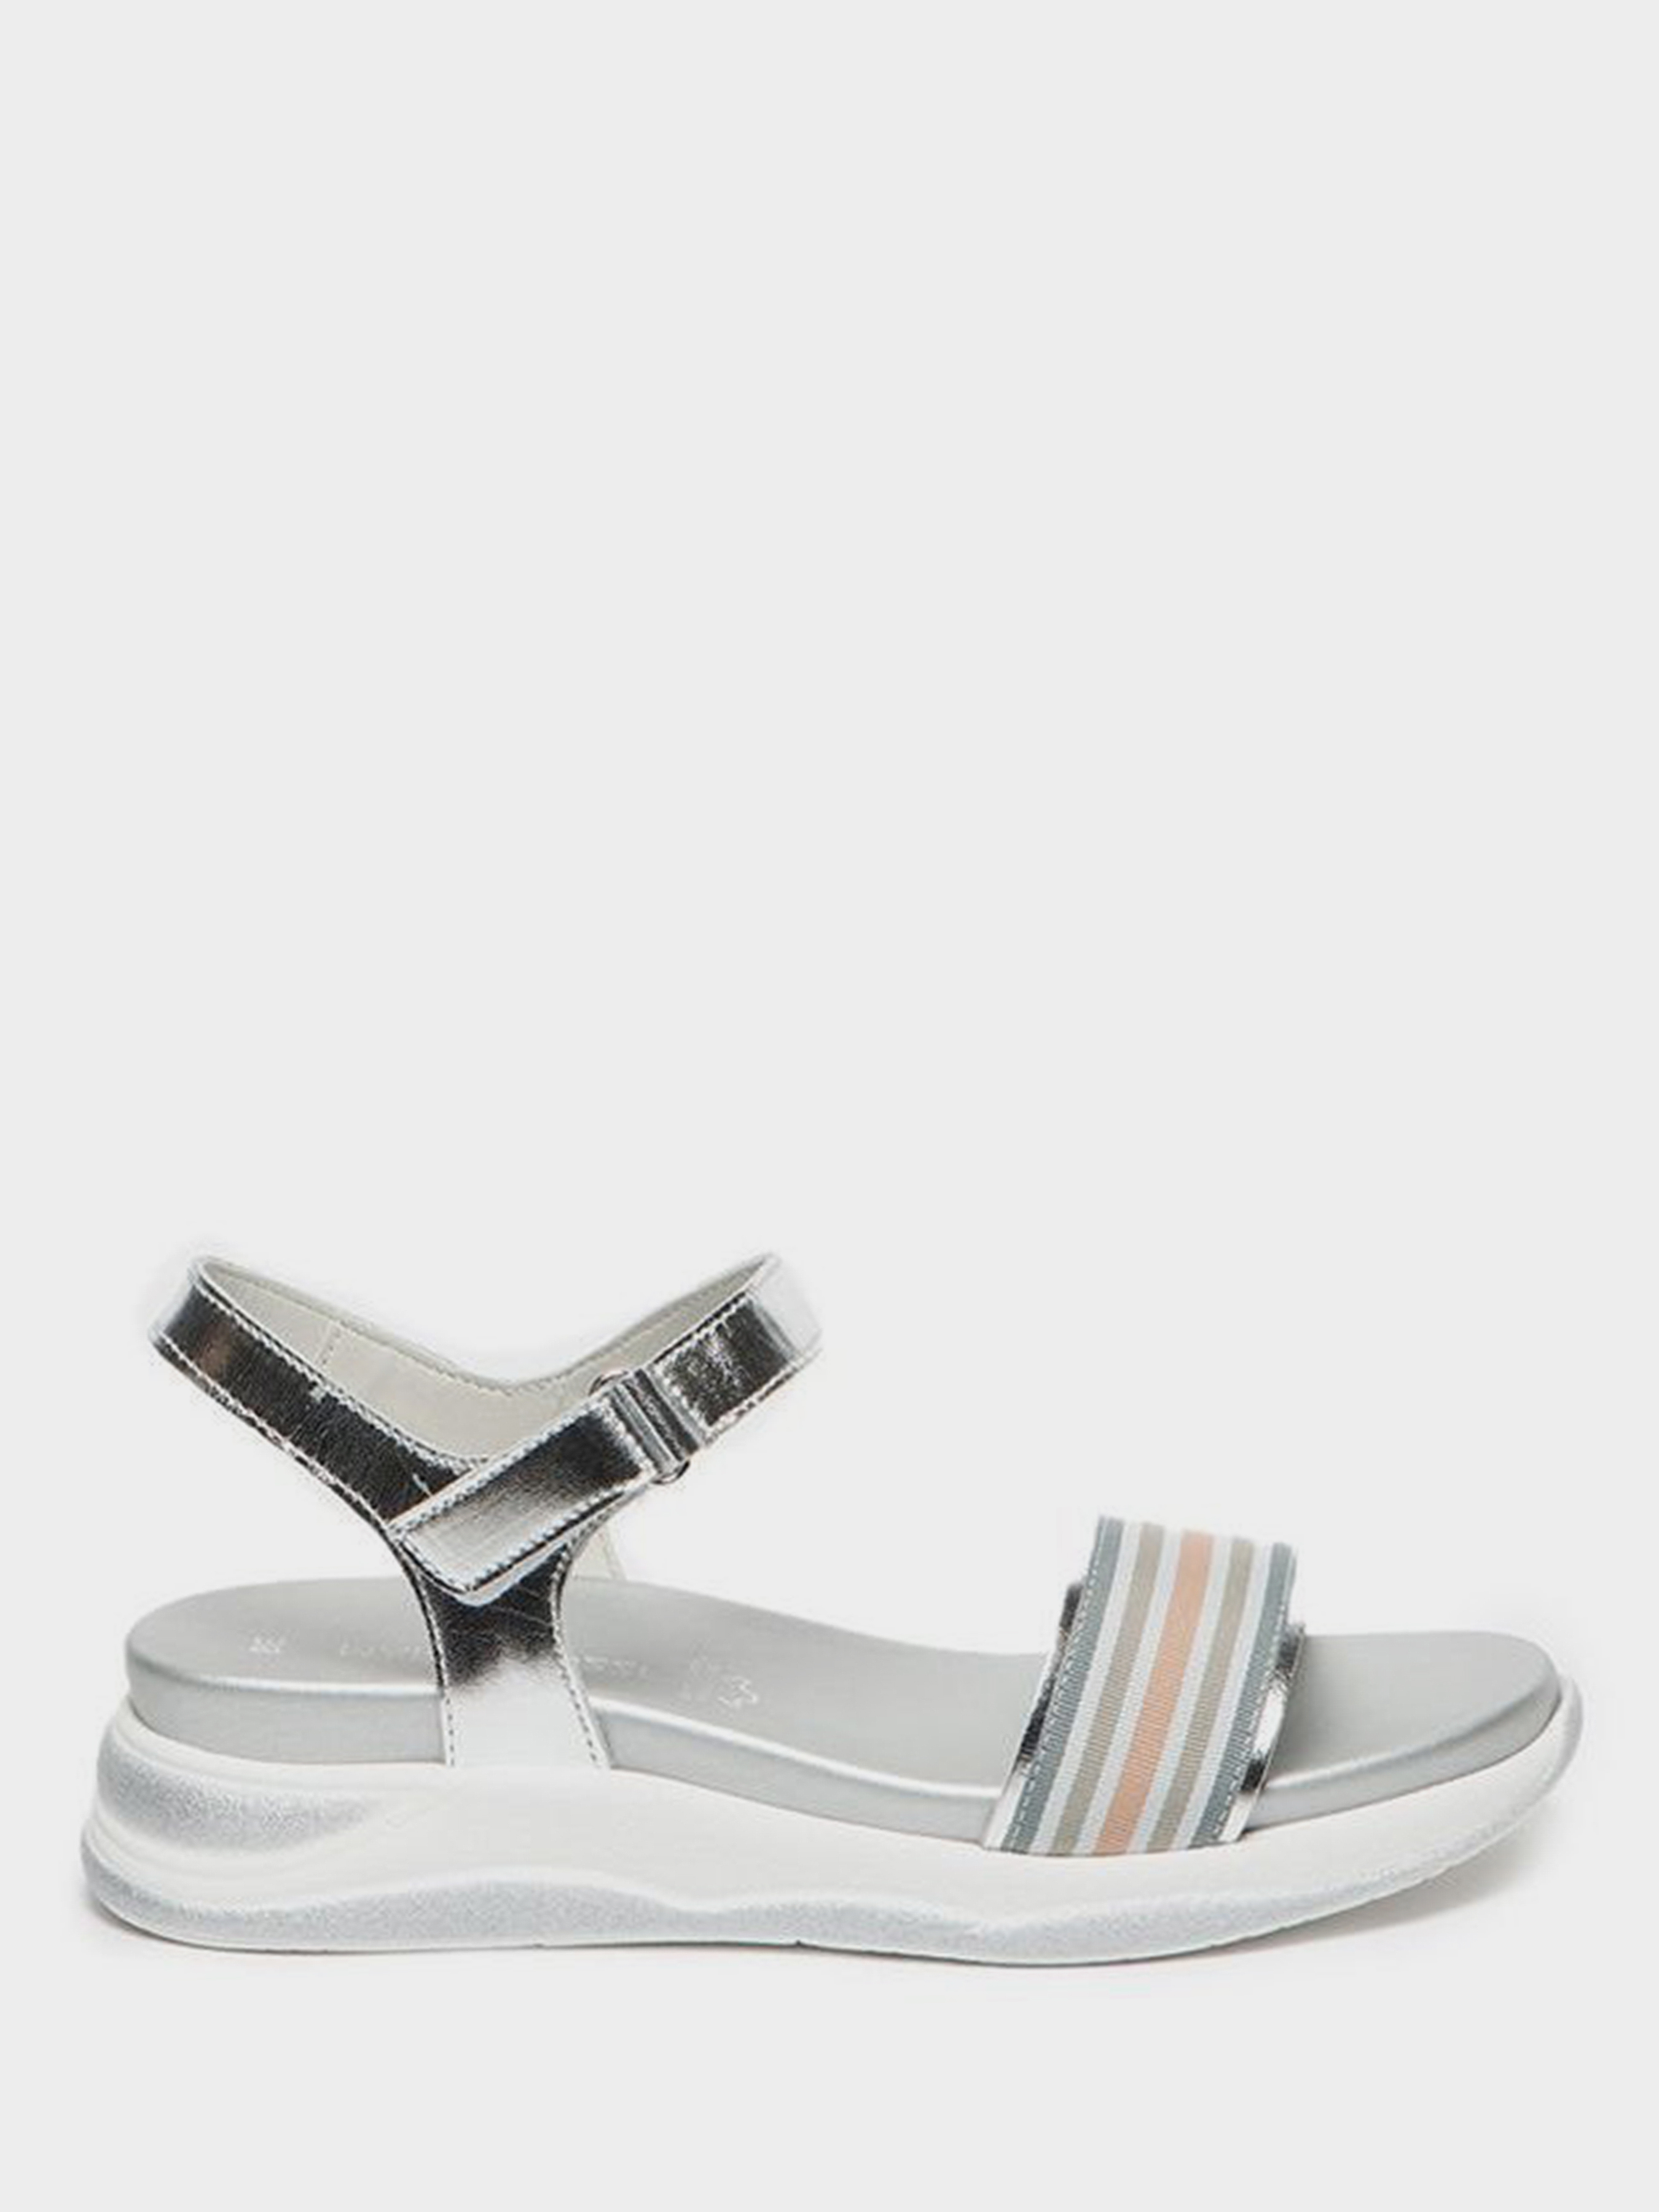 Босоножки для женщин Marco Tozzi 3H186 модная обувь, 2017